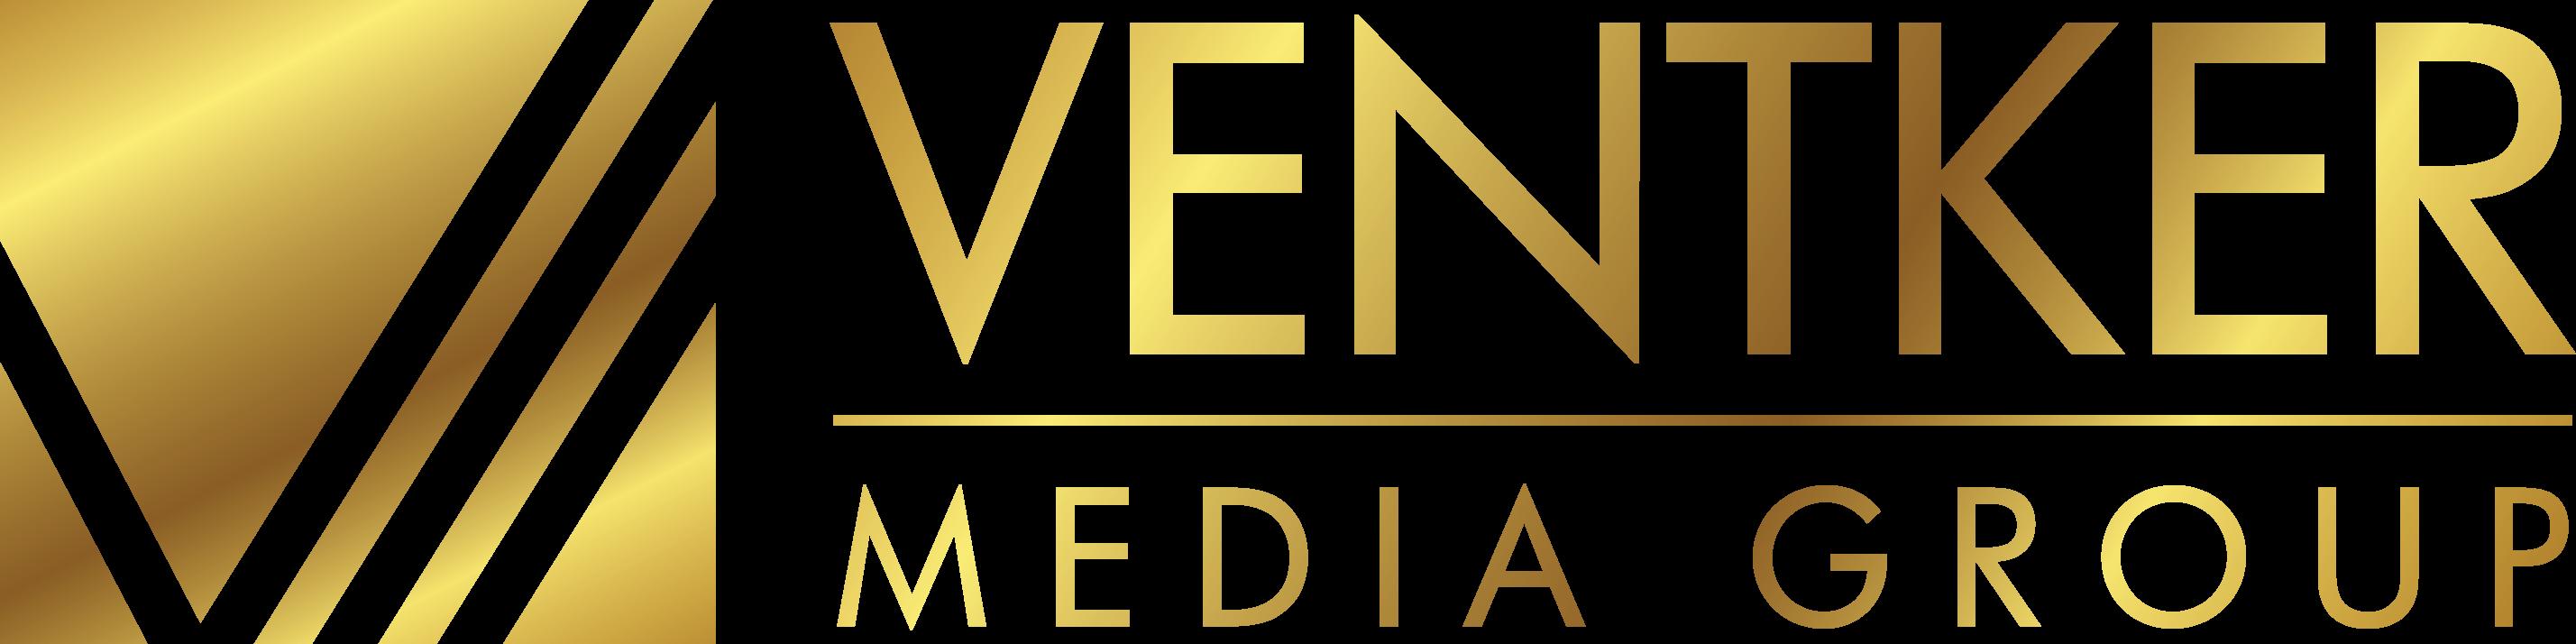 Ventker Media Group